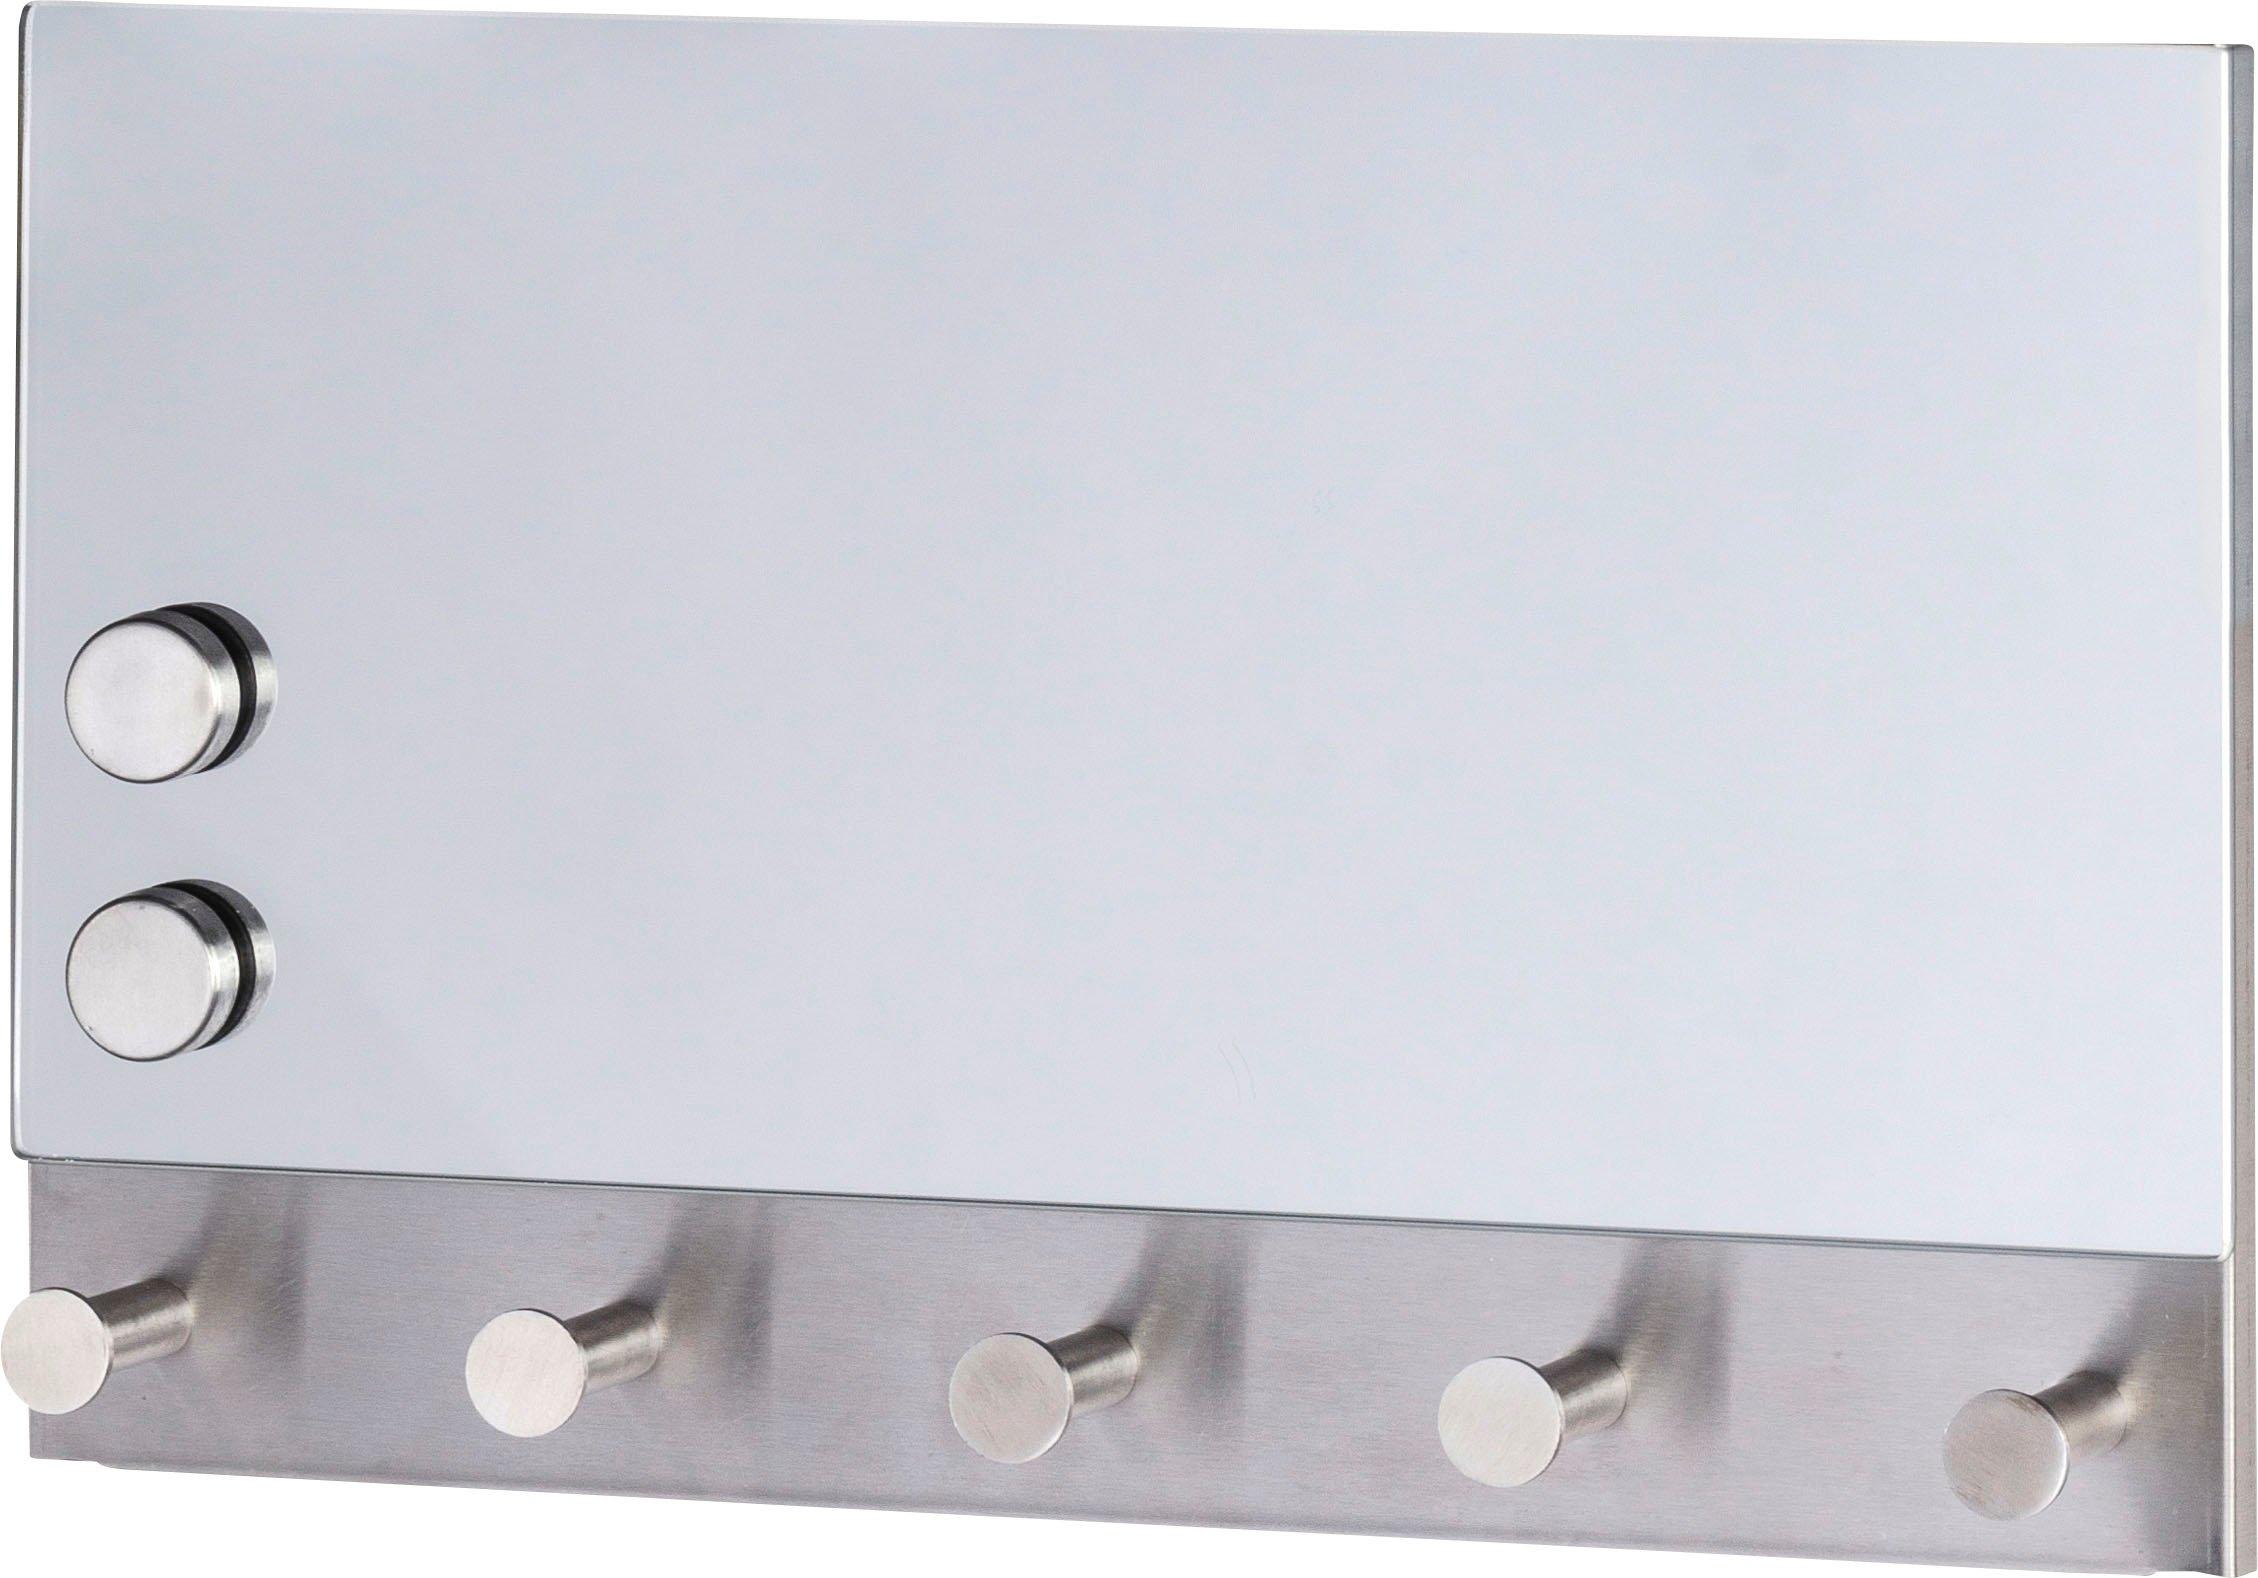 WENKO kapstok Mirror magnetisch (1 stuk) goedkoop op otto.nl kopen